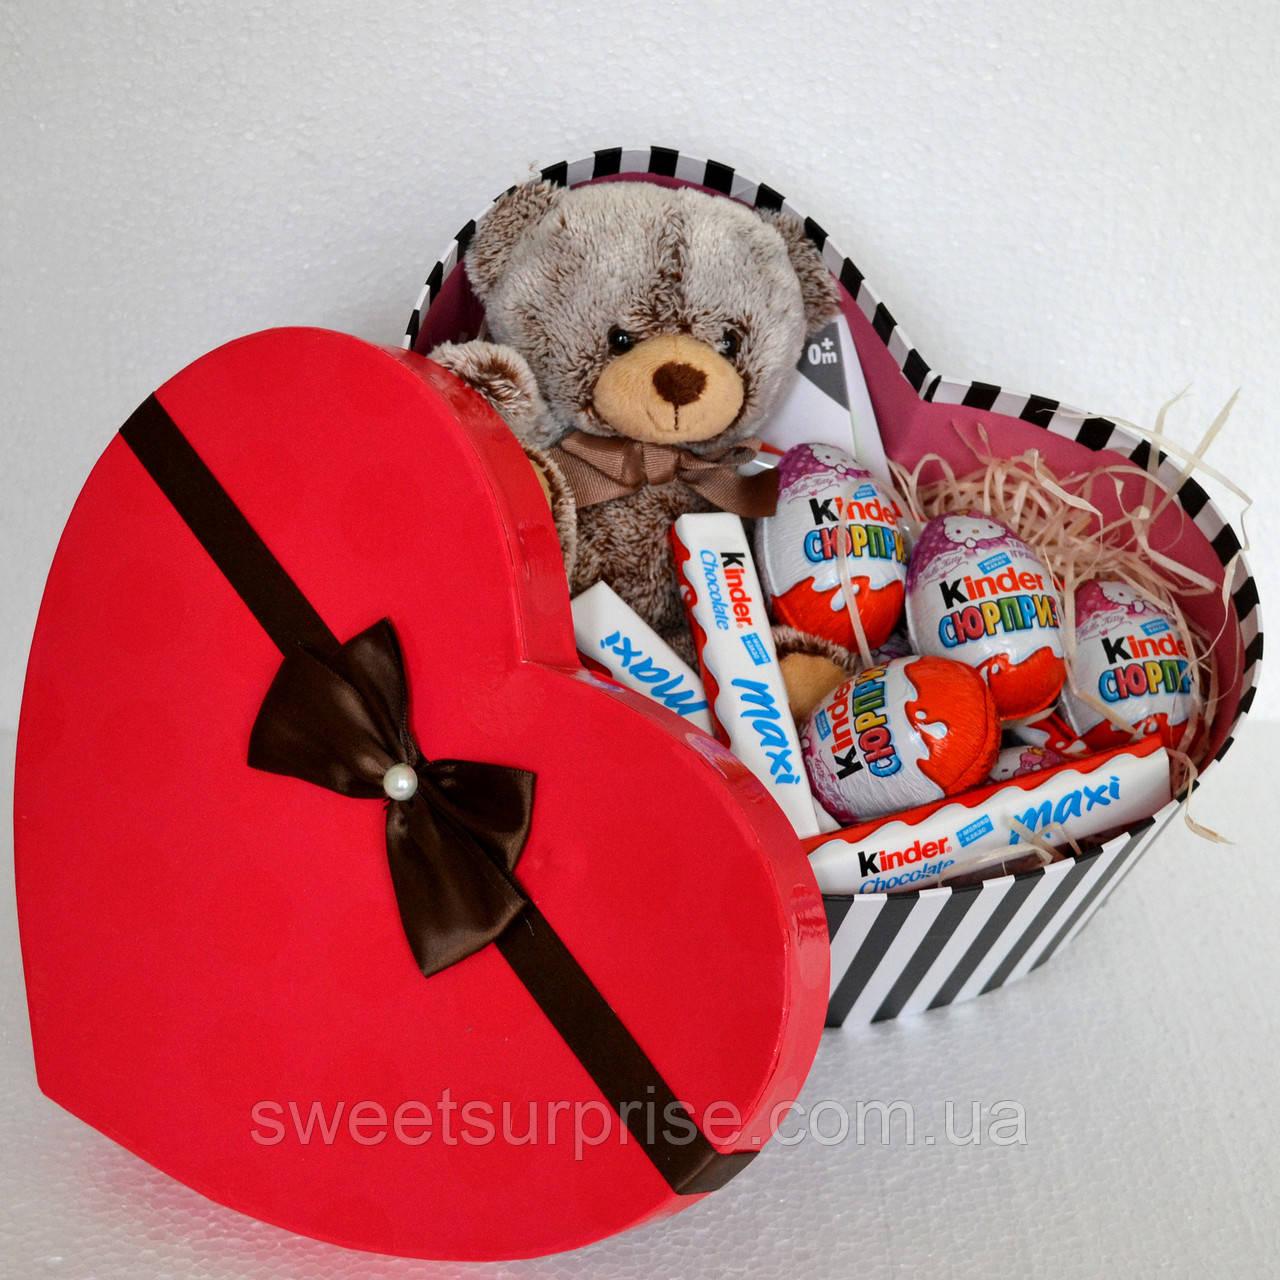 """Оригинальный подарок для любимой """"Сердце"""""""